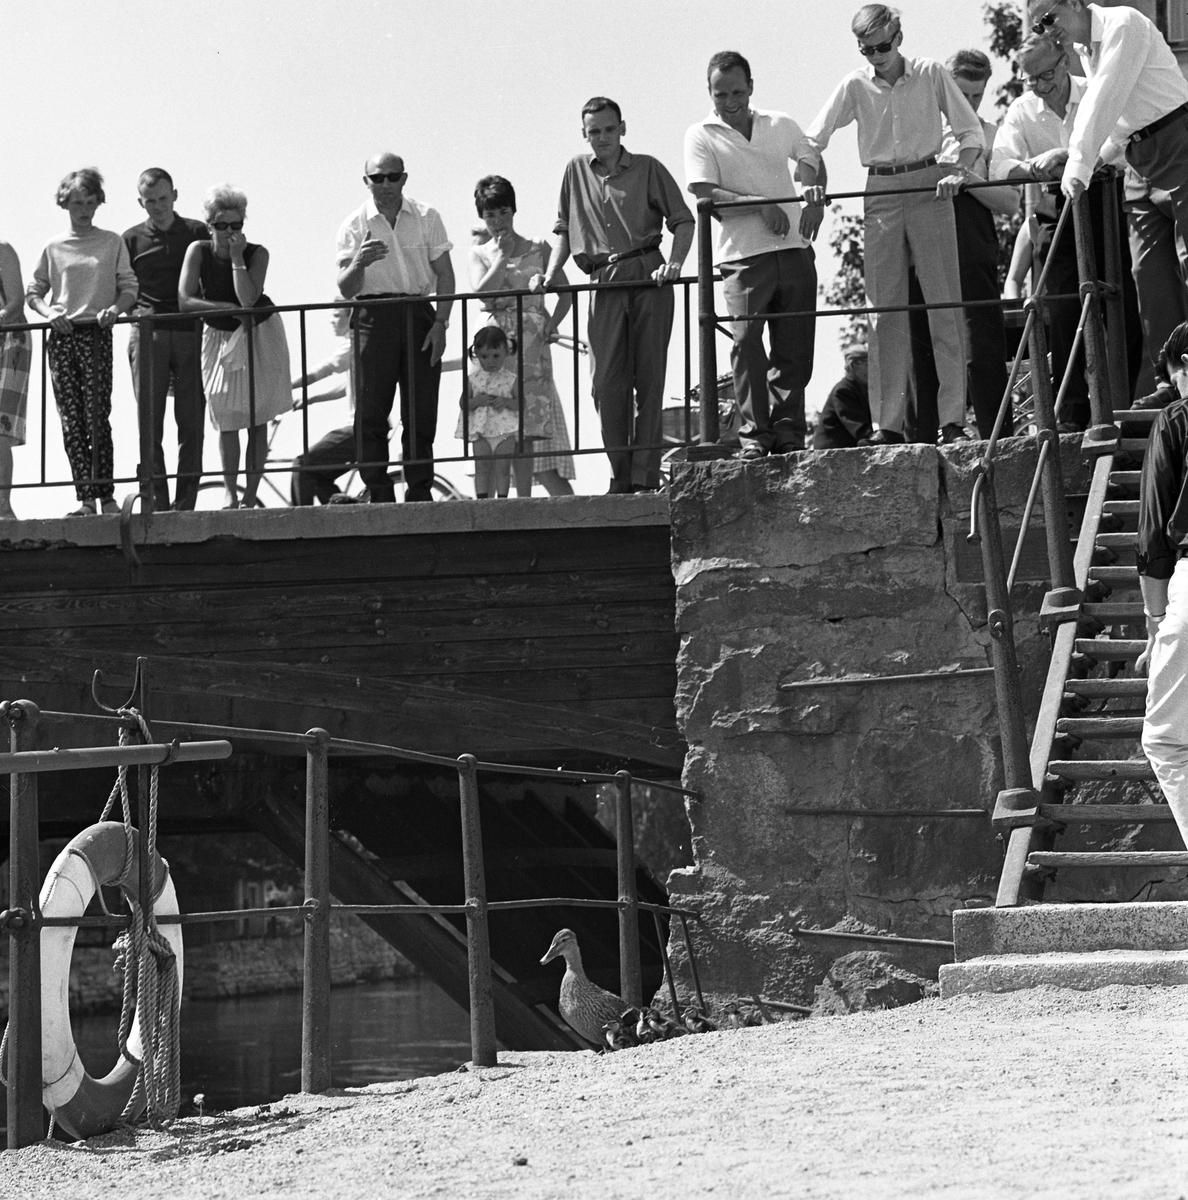 Nyfikna arbogabor följer andmammans väg till ån, med sina små. Publiken står på Kapellbron. Den lilla flickan heter Kristina (Tina) Petersson. Hennes mamma, Helga och pappa Jan (i mörk skjorta) är också med.